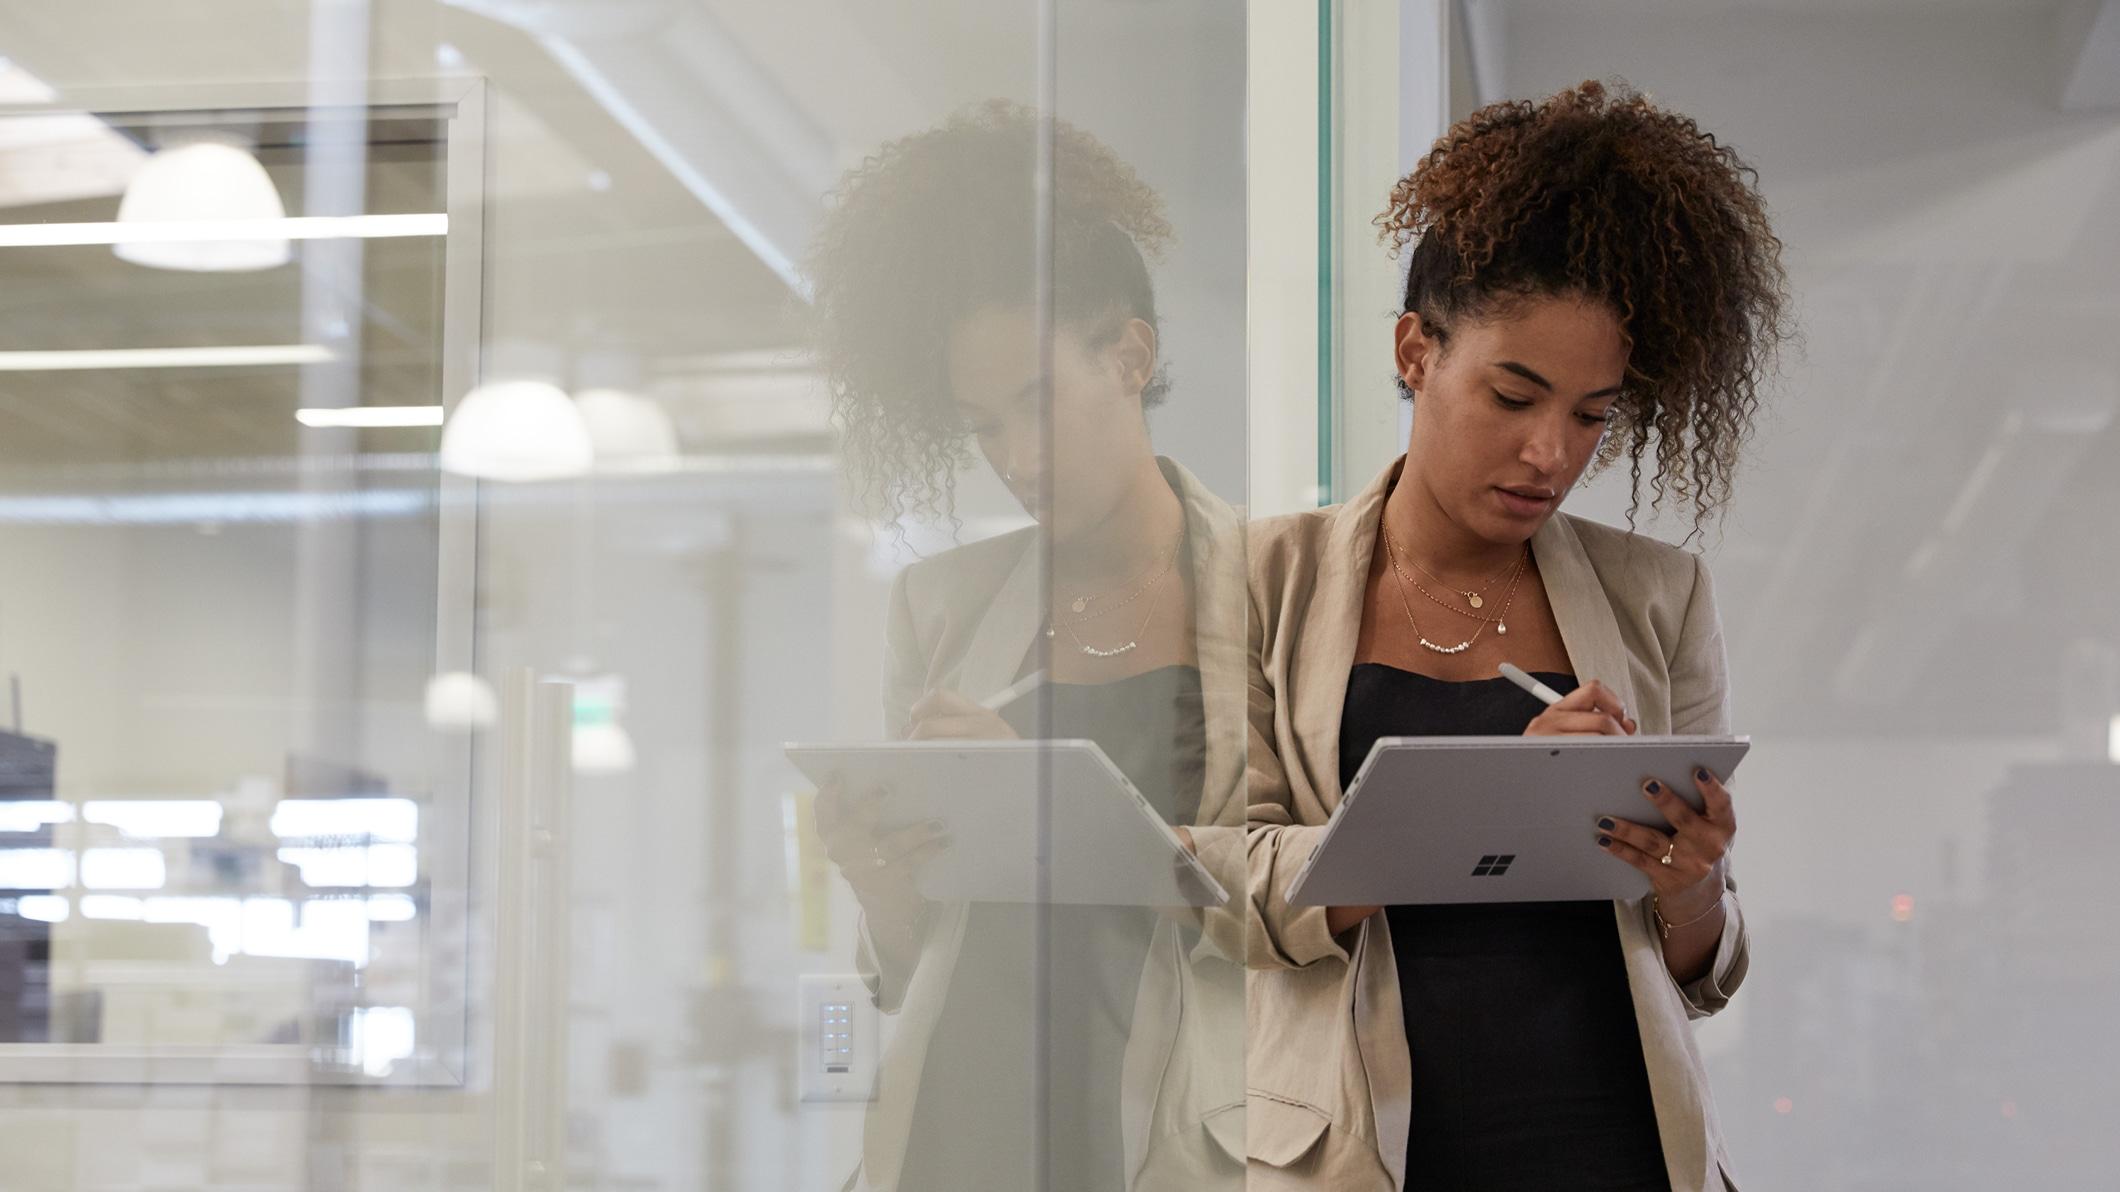 Žena si zapisuje poznámky na tabletu Surface vpráci.